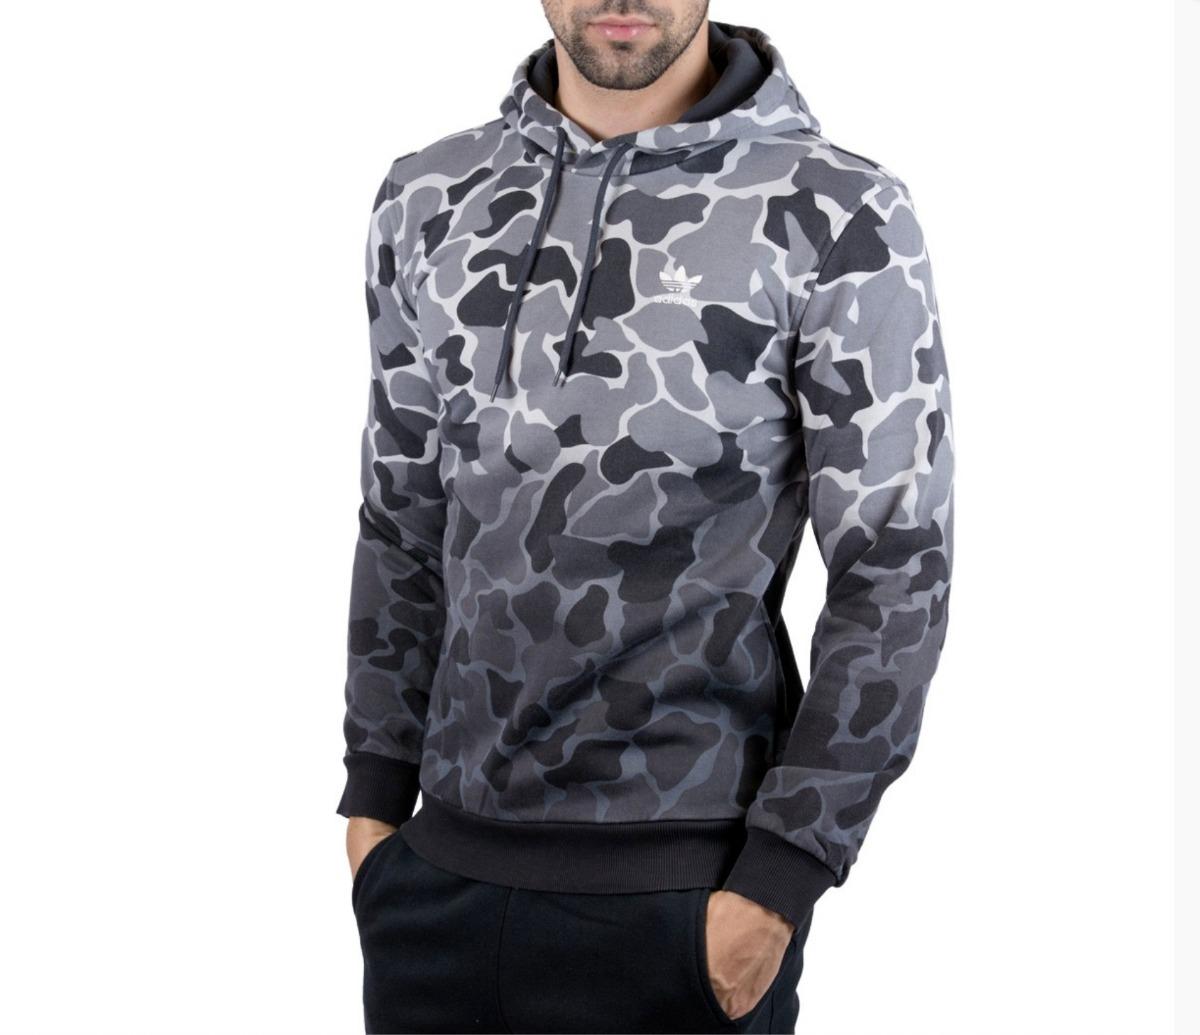 90e4b999fe41e sudadera adidas originals camuflaje hoodie camo dh4807. Cargando zoom.